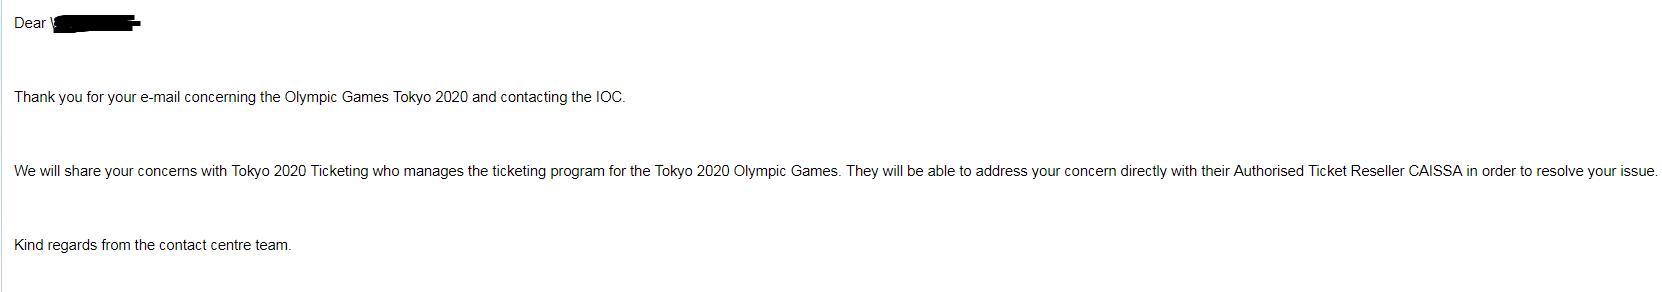 东京奥组委回复林女士称,会告知凯撒处理退票事宜。